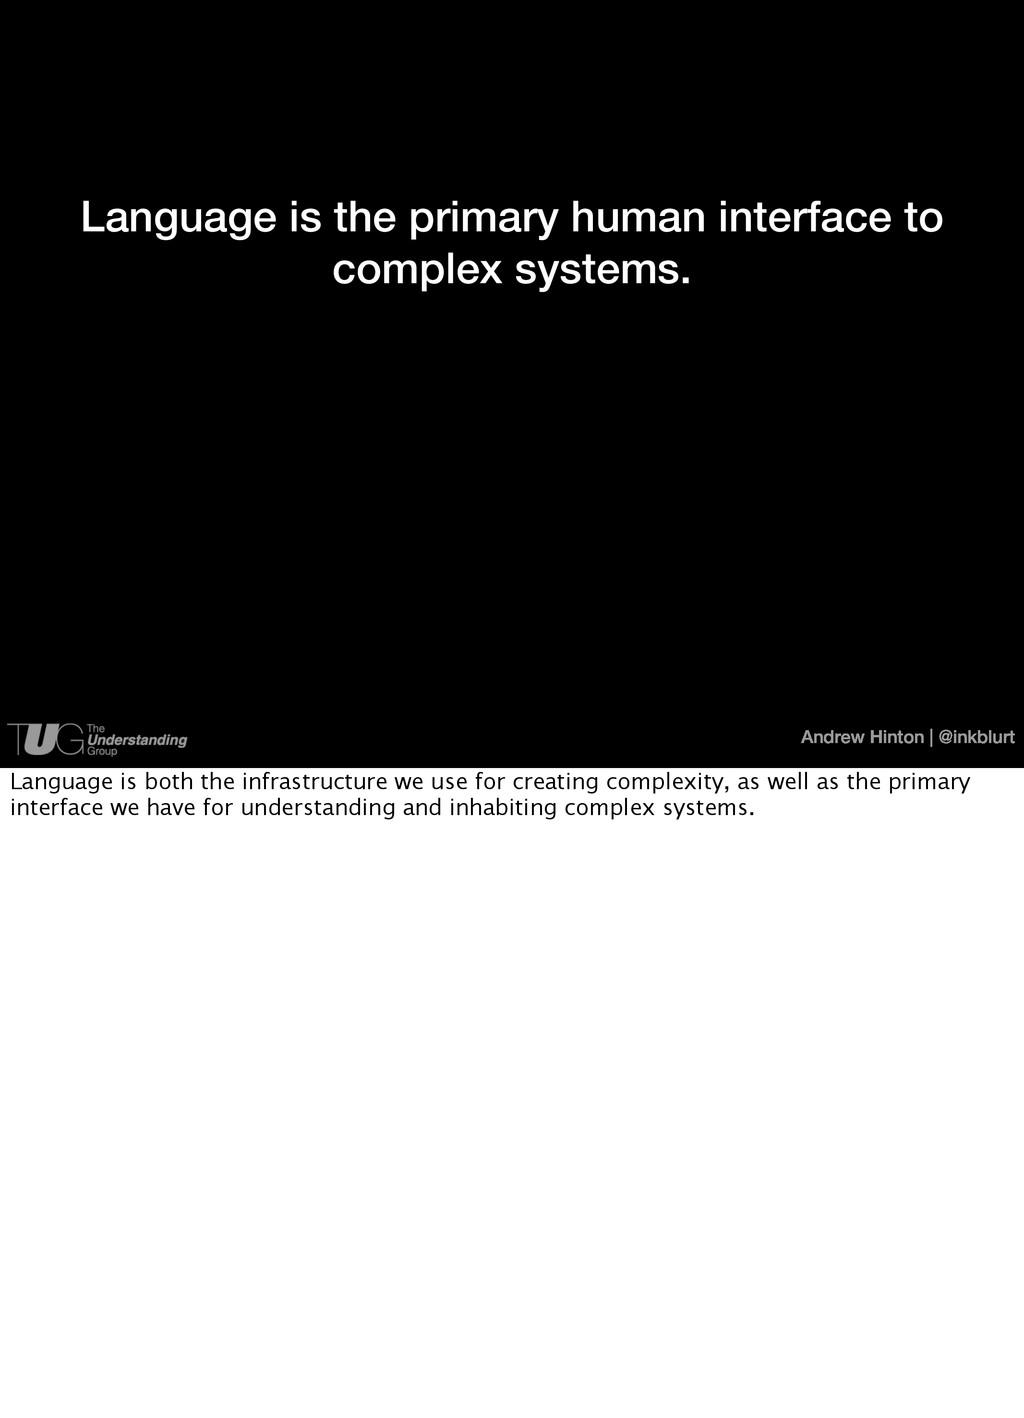 Andrew Hinton   @inkblurt Language is the prima...